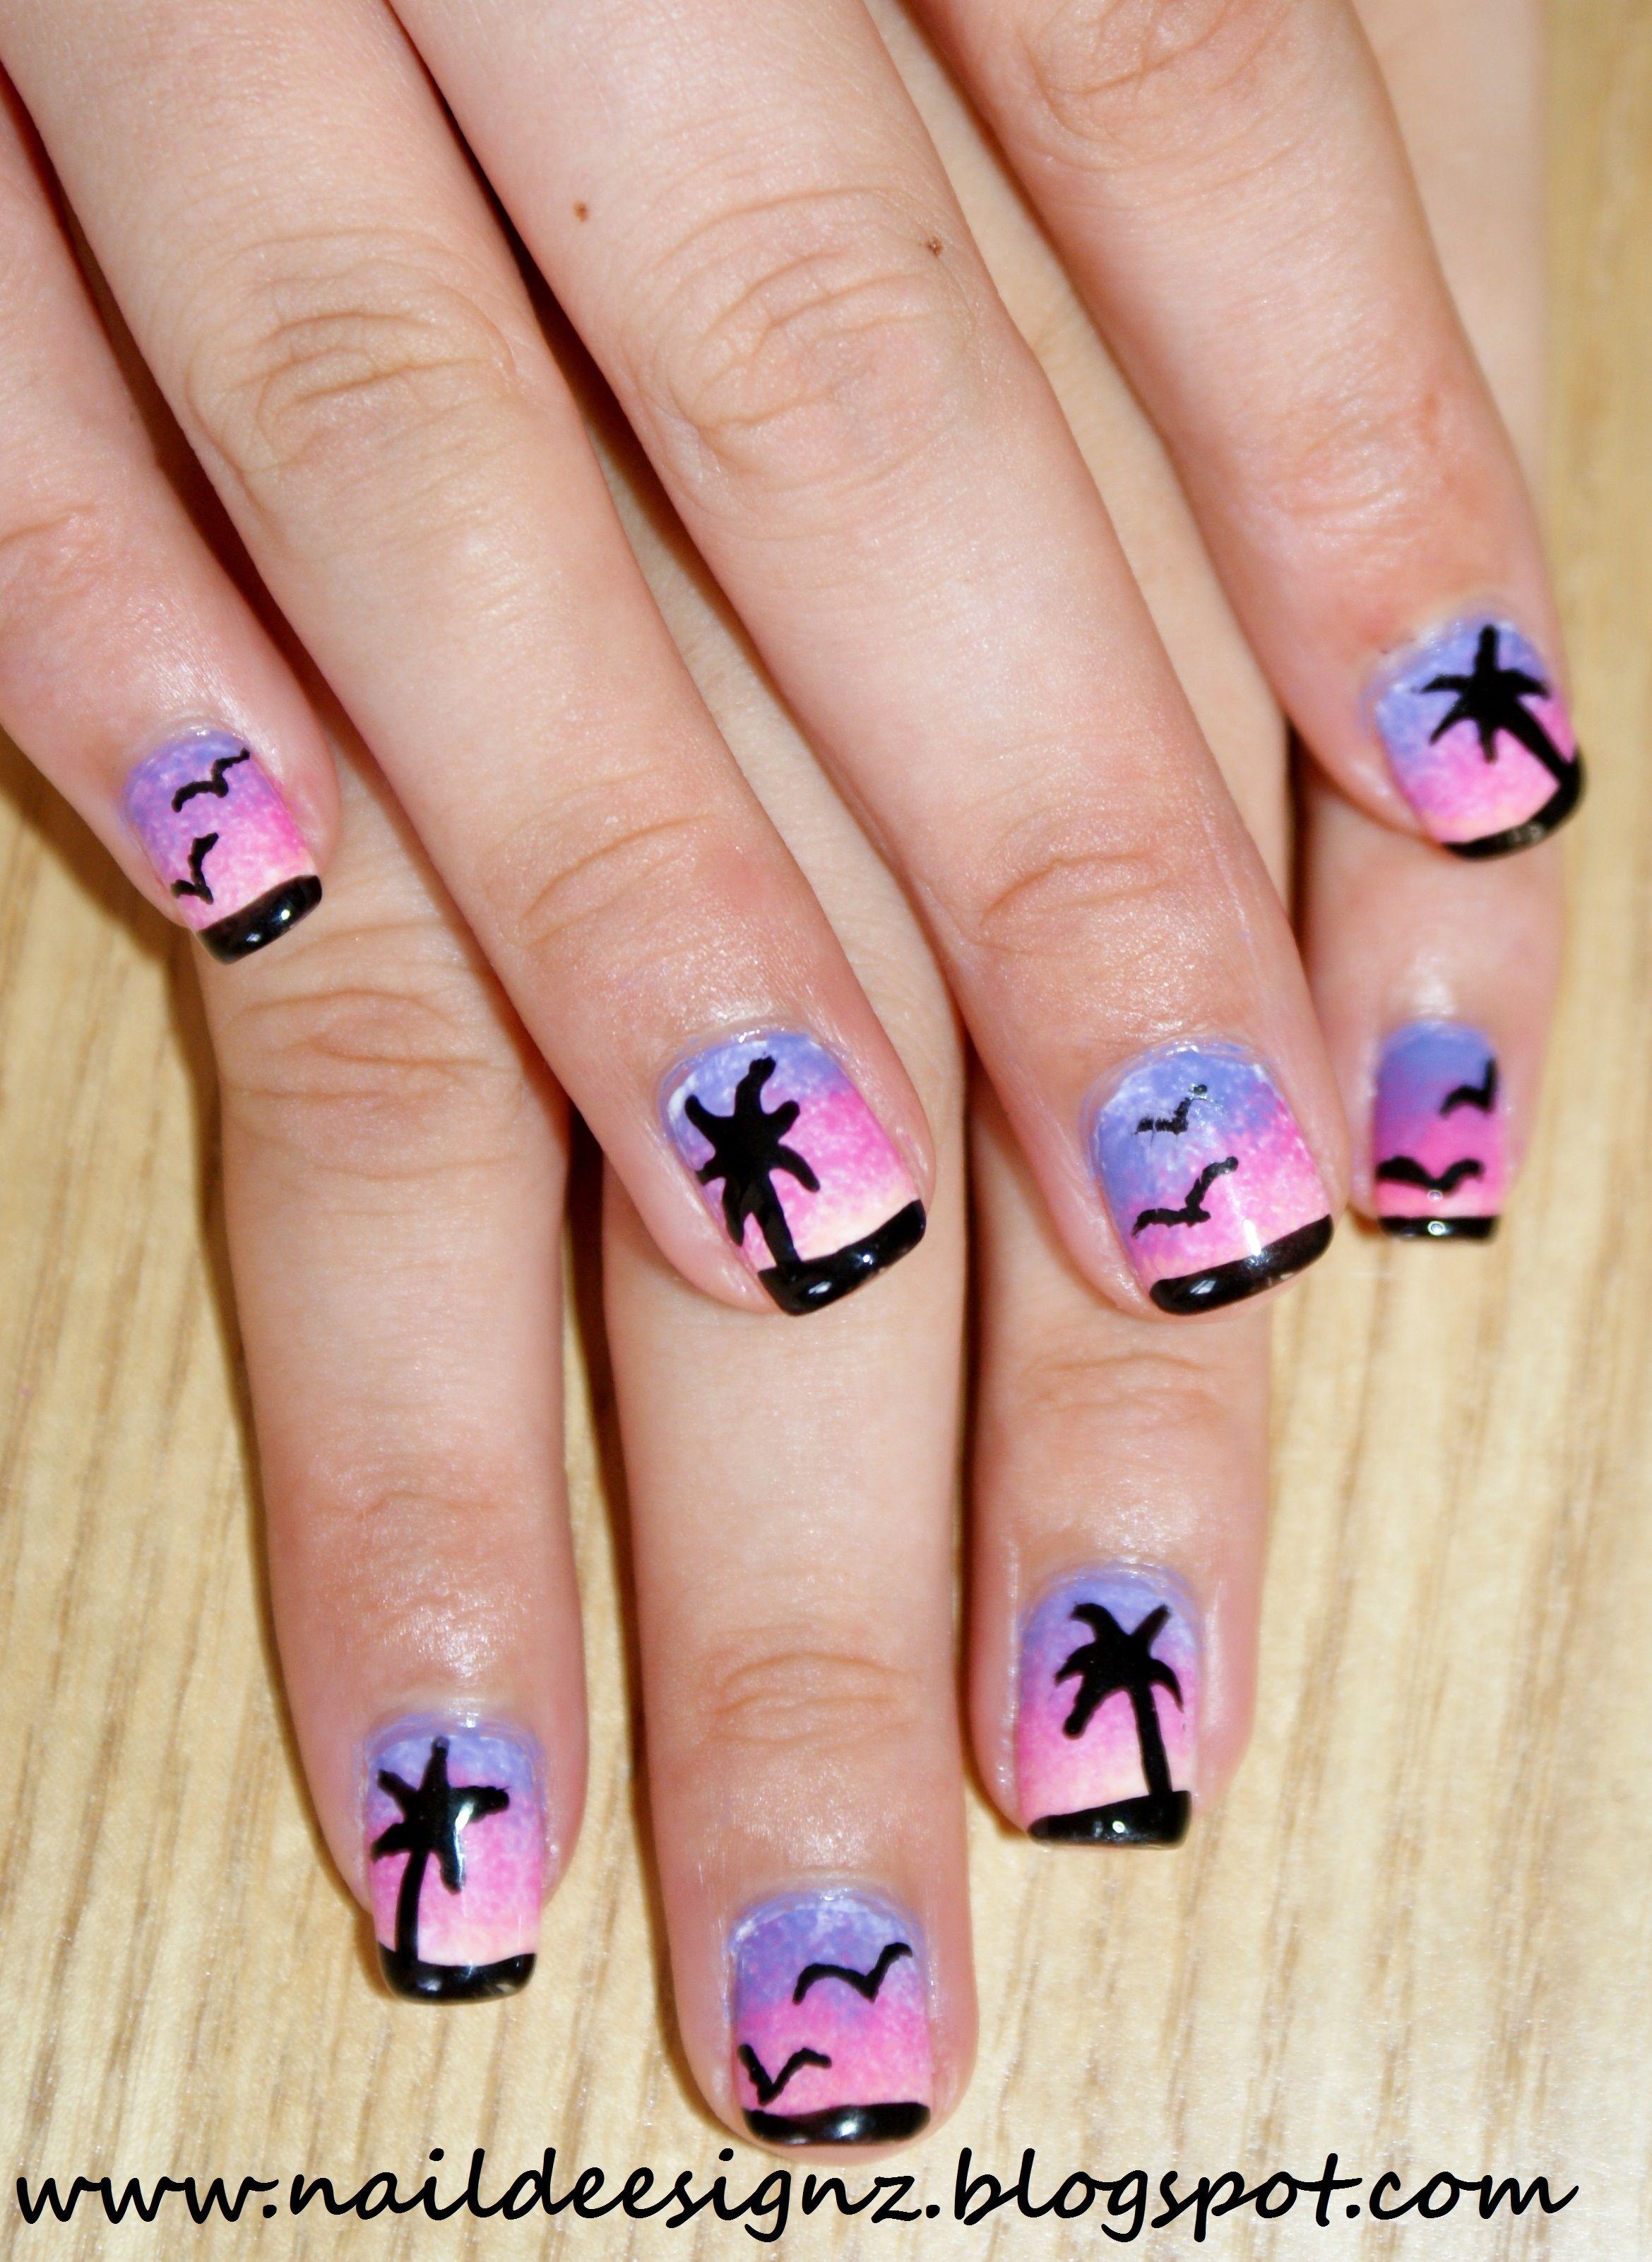 Purple and blue beach nails | Tropical nails, Beach nails